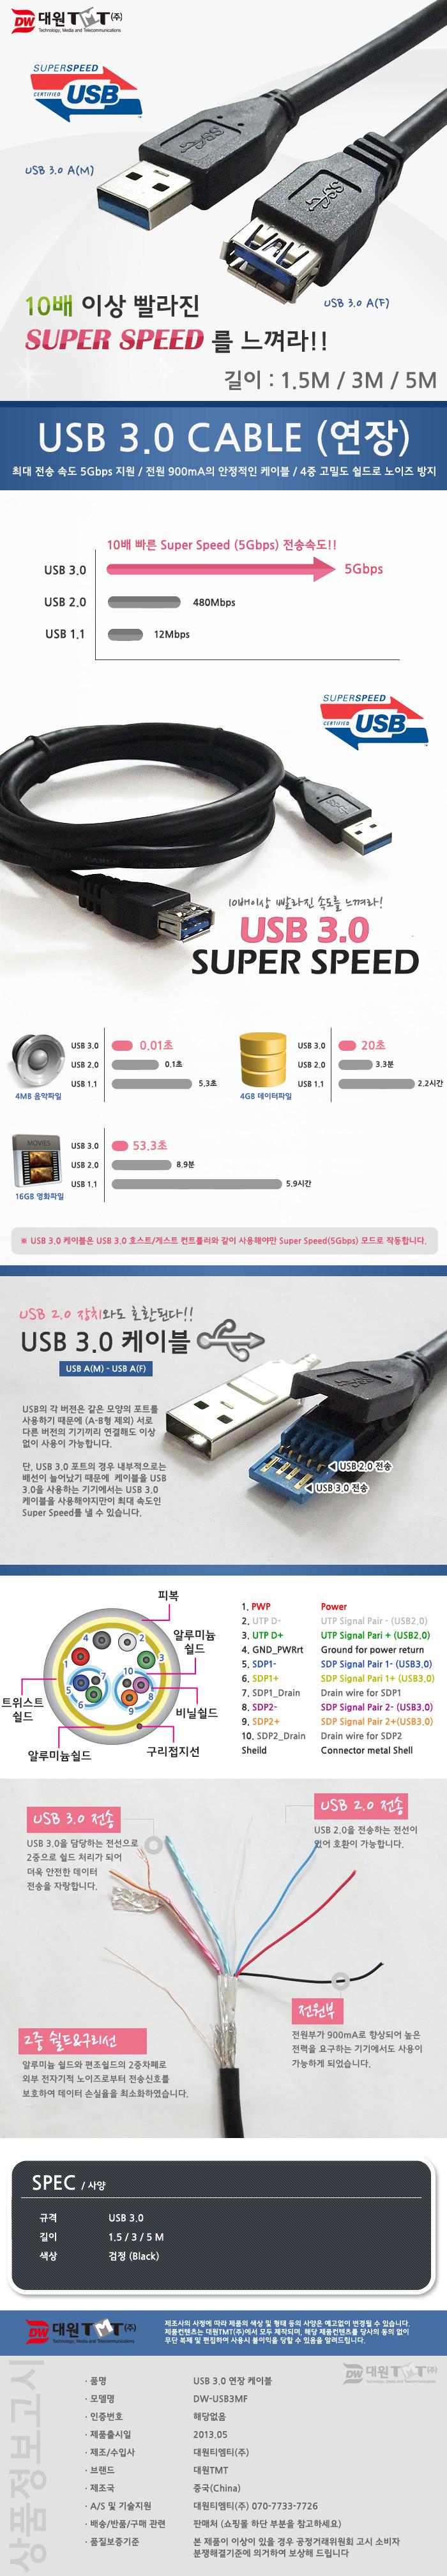 대원TMT  USB 3.0 연장 케이블 (DW-USB3MF)(5m)